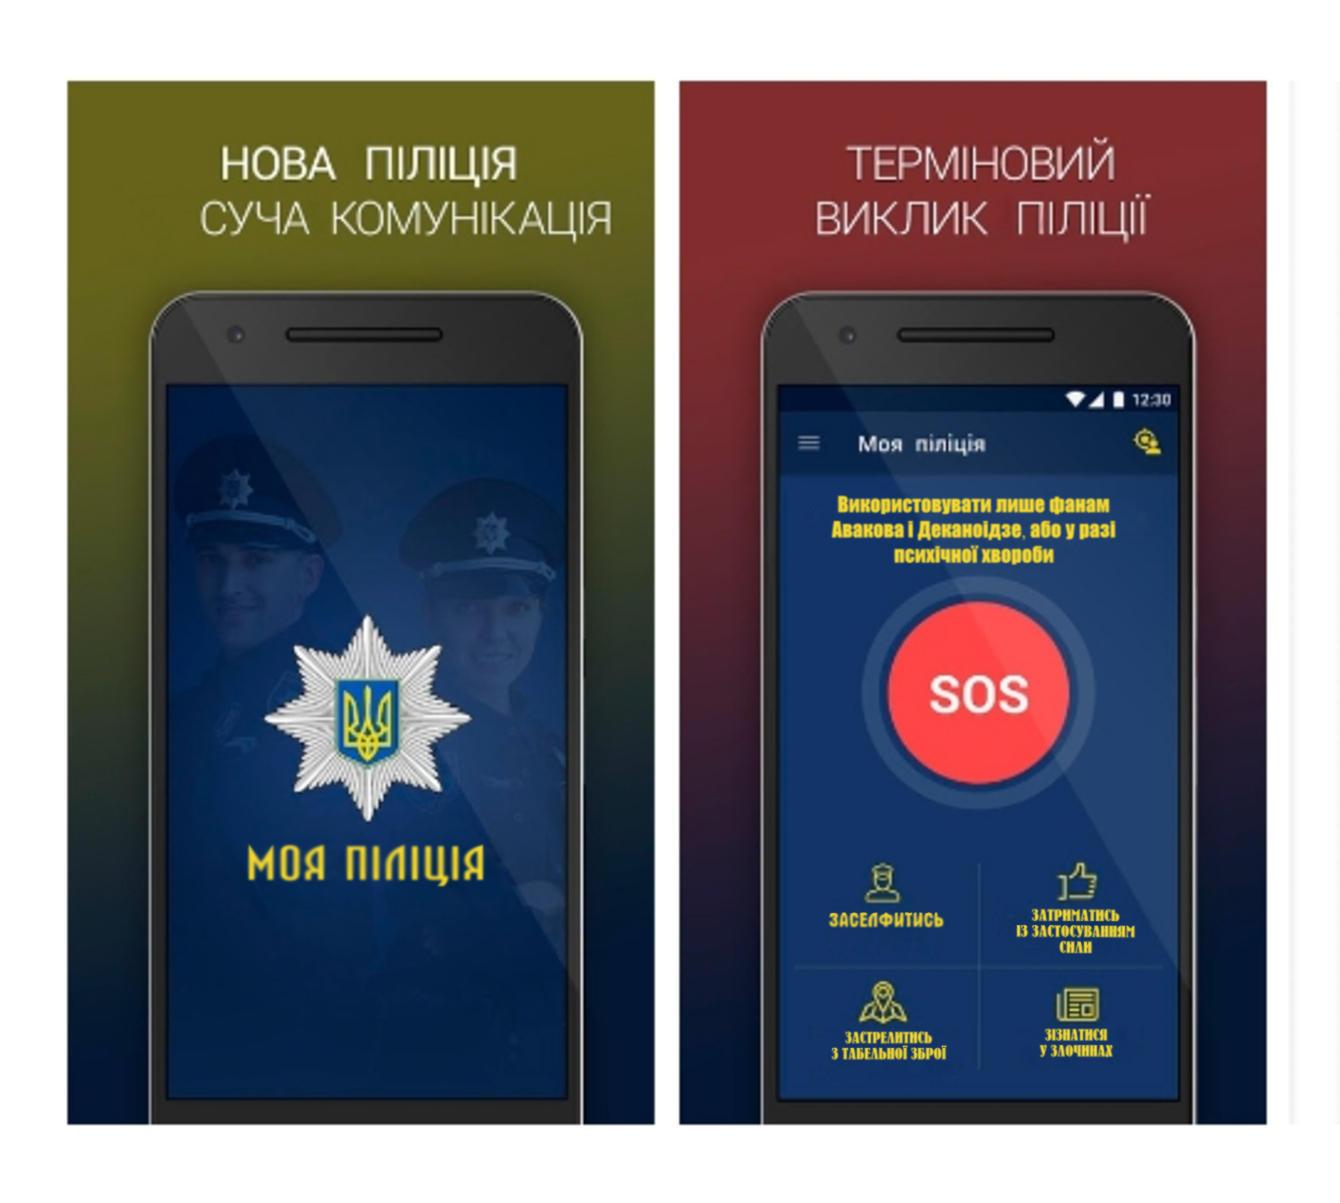 Исполняющим обязанности руководителя Нацполиции в Николаевской области стал Мороз - Цензор.НЕТ 4285